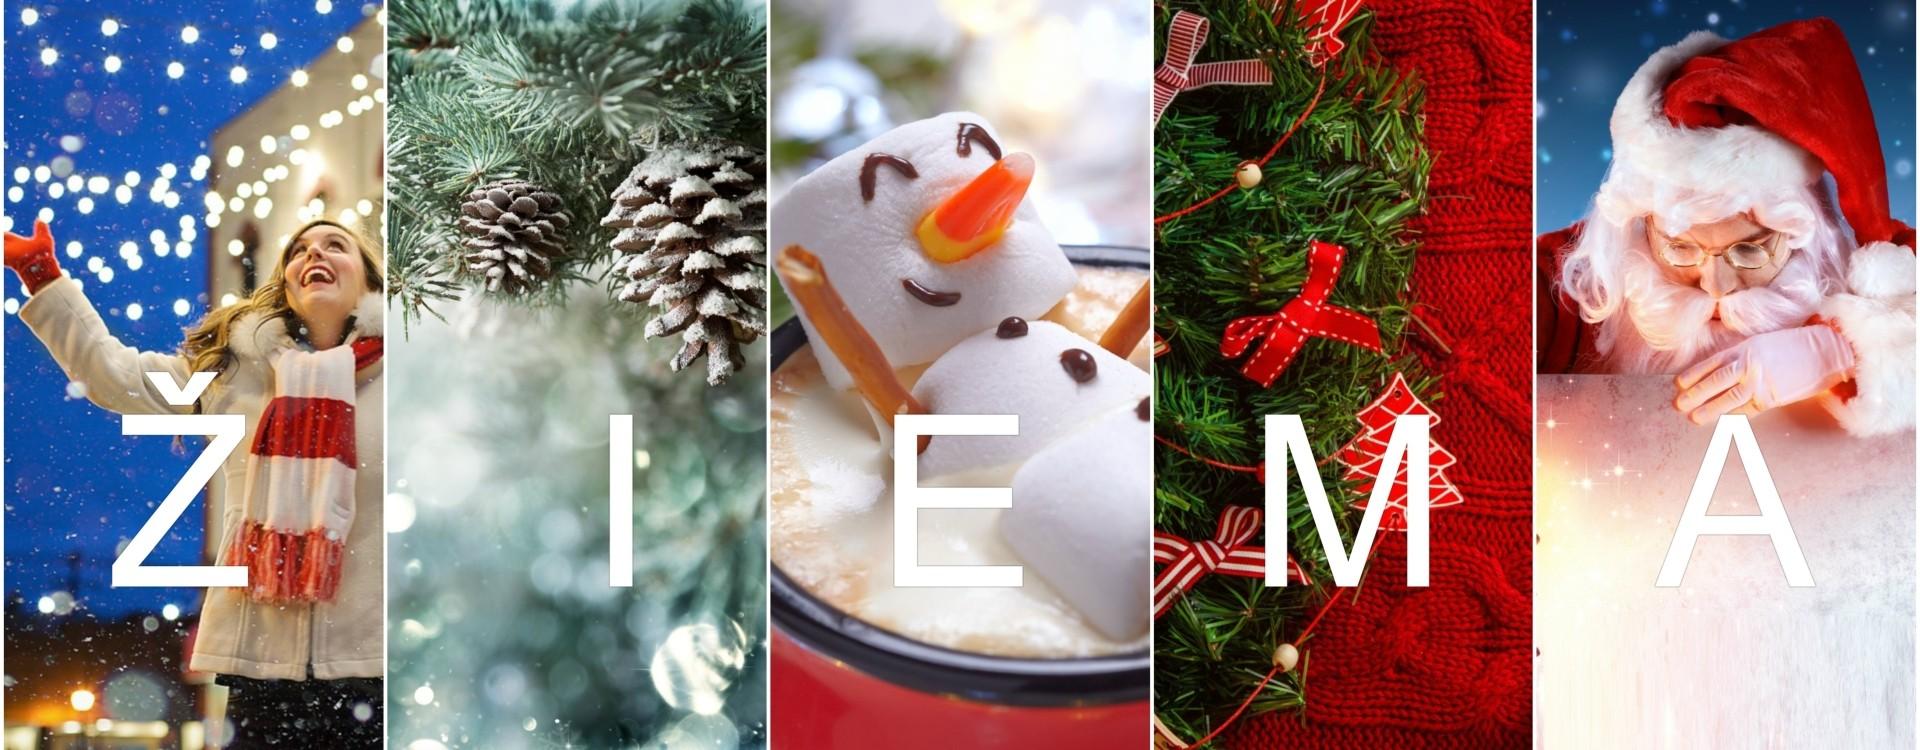 Ką dovanoti Kalėdoms?